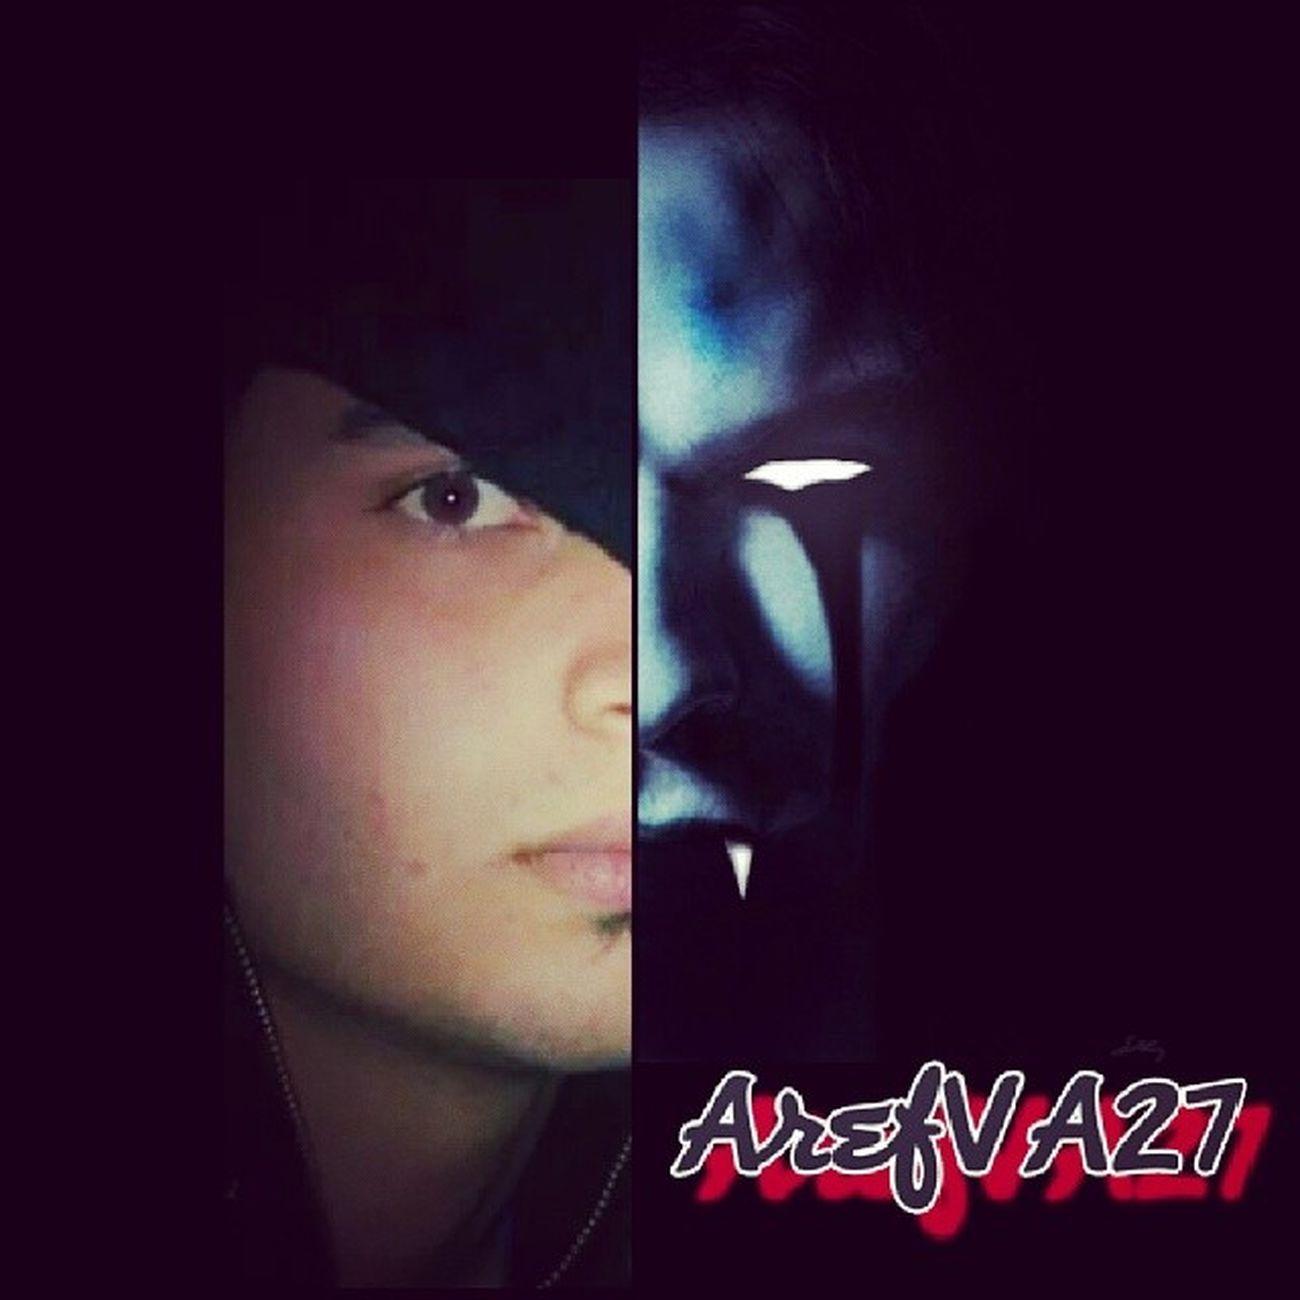 Arefva27 The vampire diaries @iansomerhalder @cworiginals @thevampirediaries900 @darkpasenger Titli Beautiful